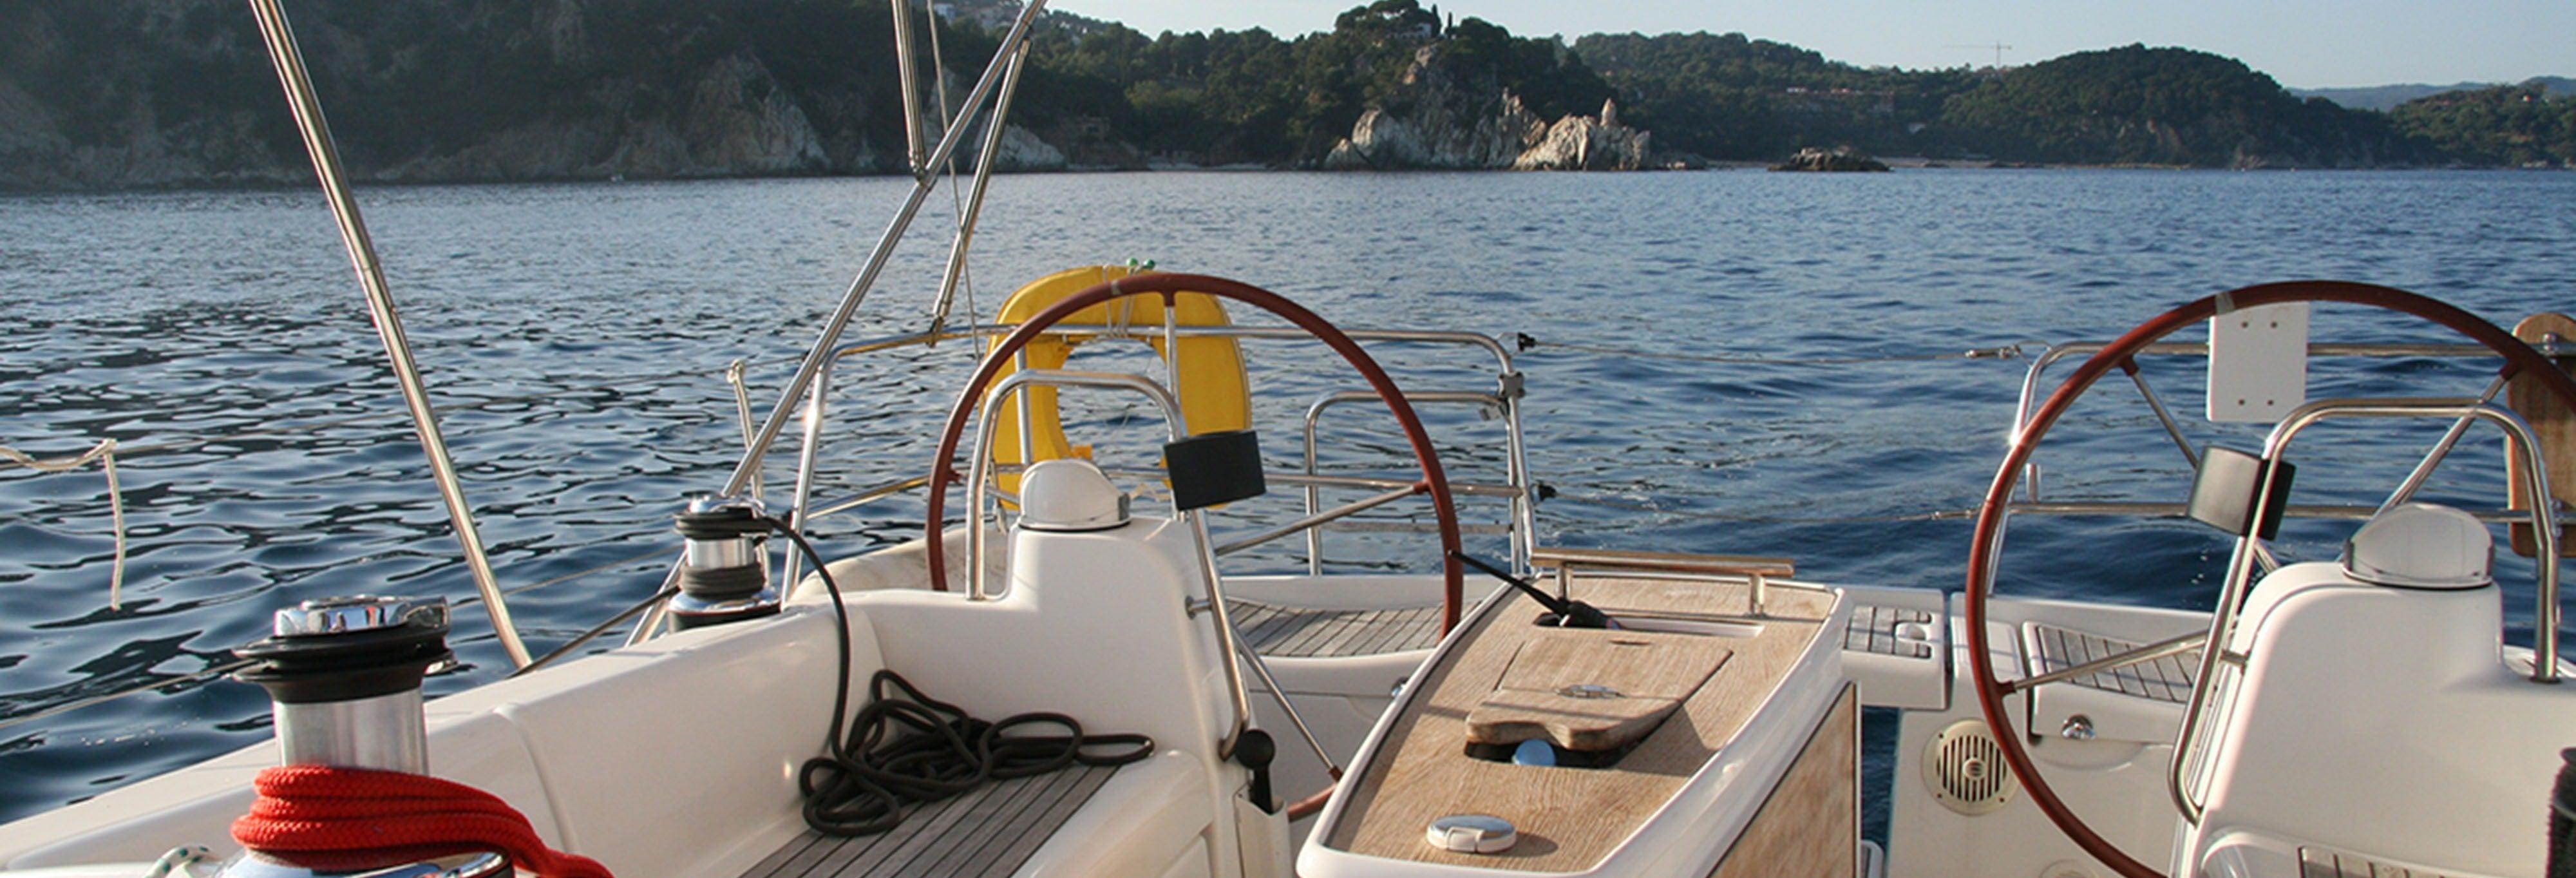 Alquiler de barco con patrón en Cambrils